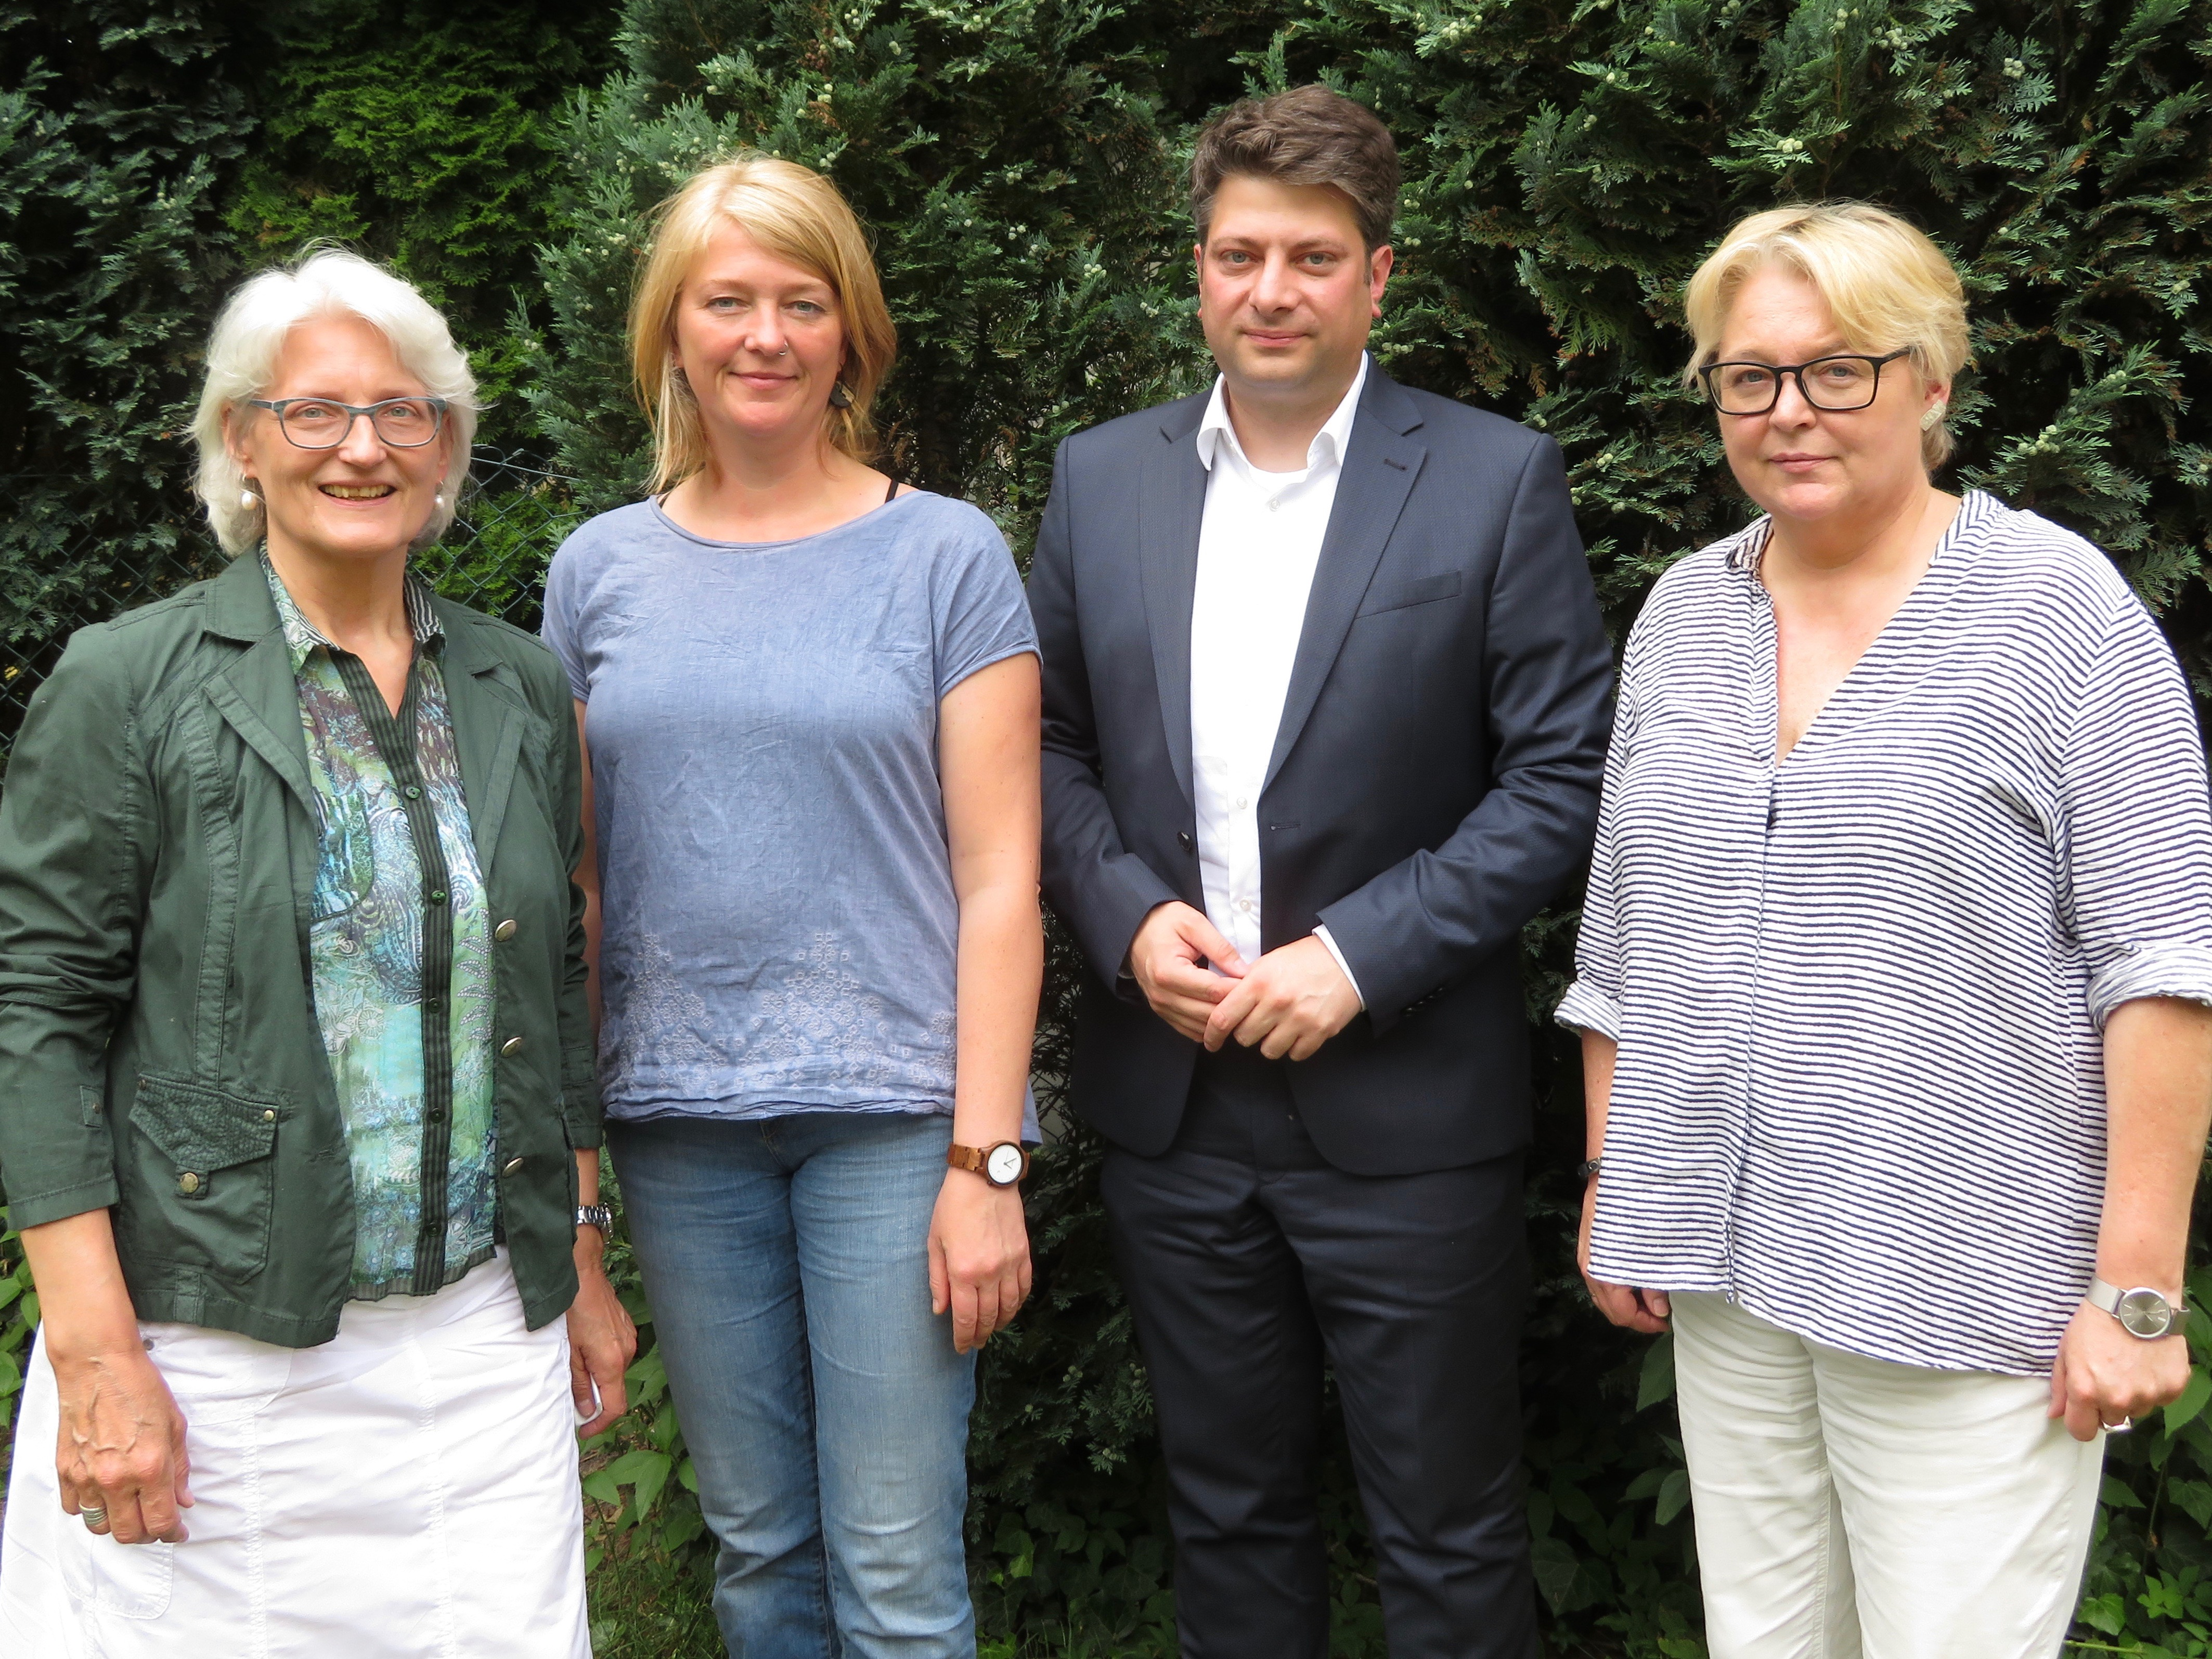 Gespräch über die Situation der Frauen im Thiener Feld: Landtagsabgeordneter Christian Calderone (CDU), der sich gegen den Straßenstrich zwischen Alfhausen und Bramsche wendet, berät mit den Fachberaterinnen von SOLWODI-Osnabrück über mittel- und langfristige Maßnahmen.